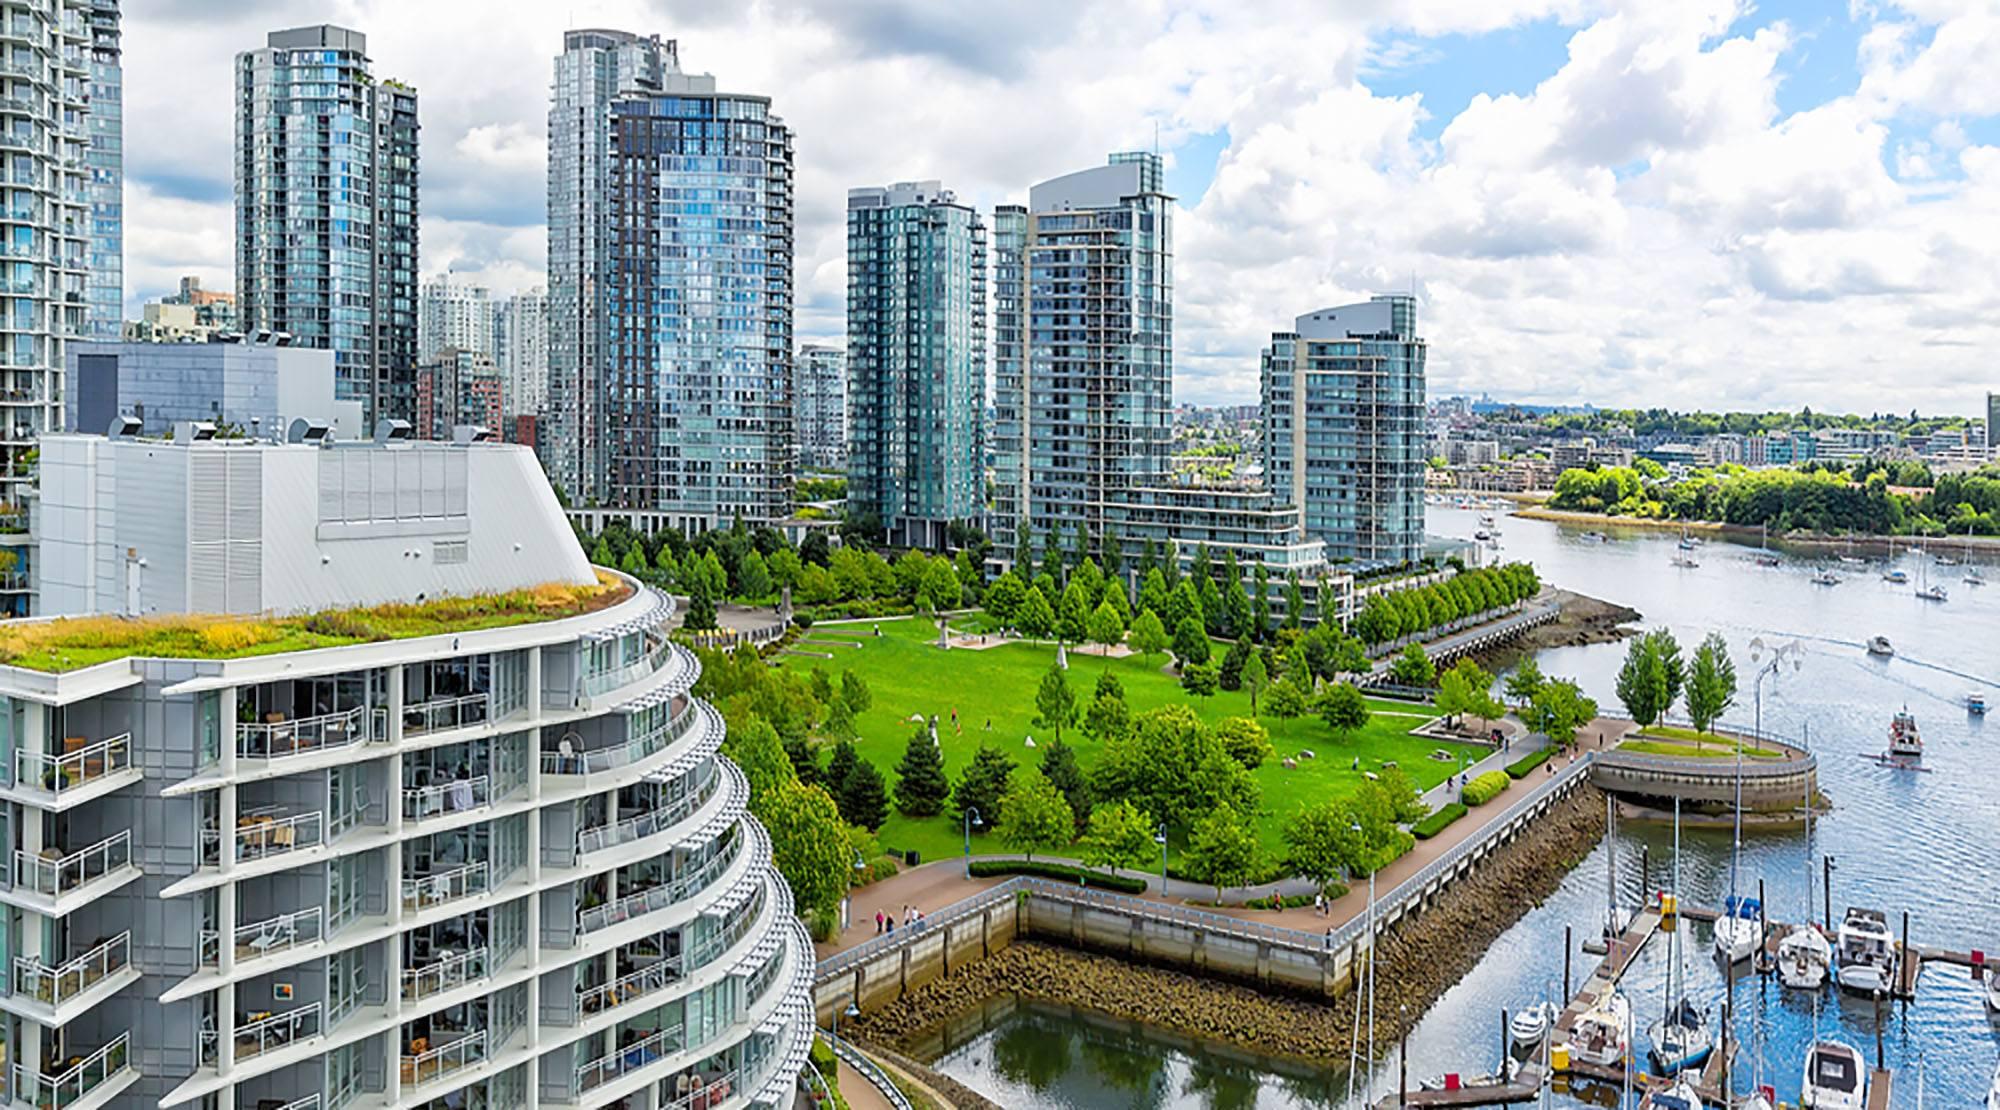 Arcadis Sürdürülebilir Şehirler Endeksi'ne göre Kuzey Amerika'nın en sürdürülebilir şehri Vancouver, Kanada.